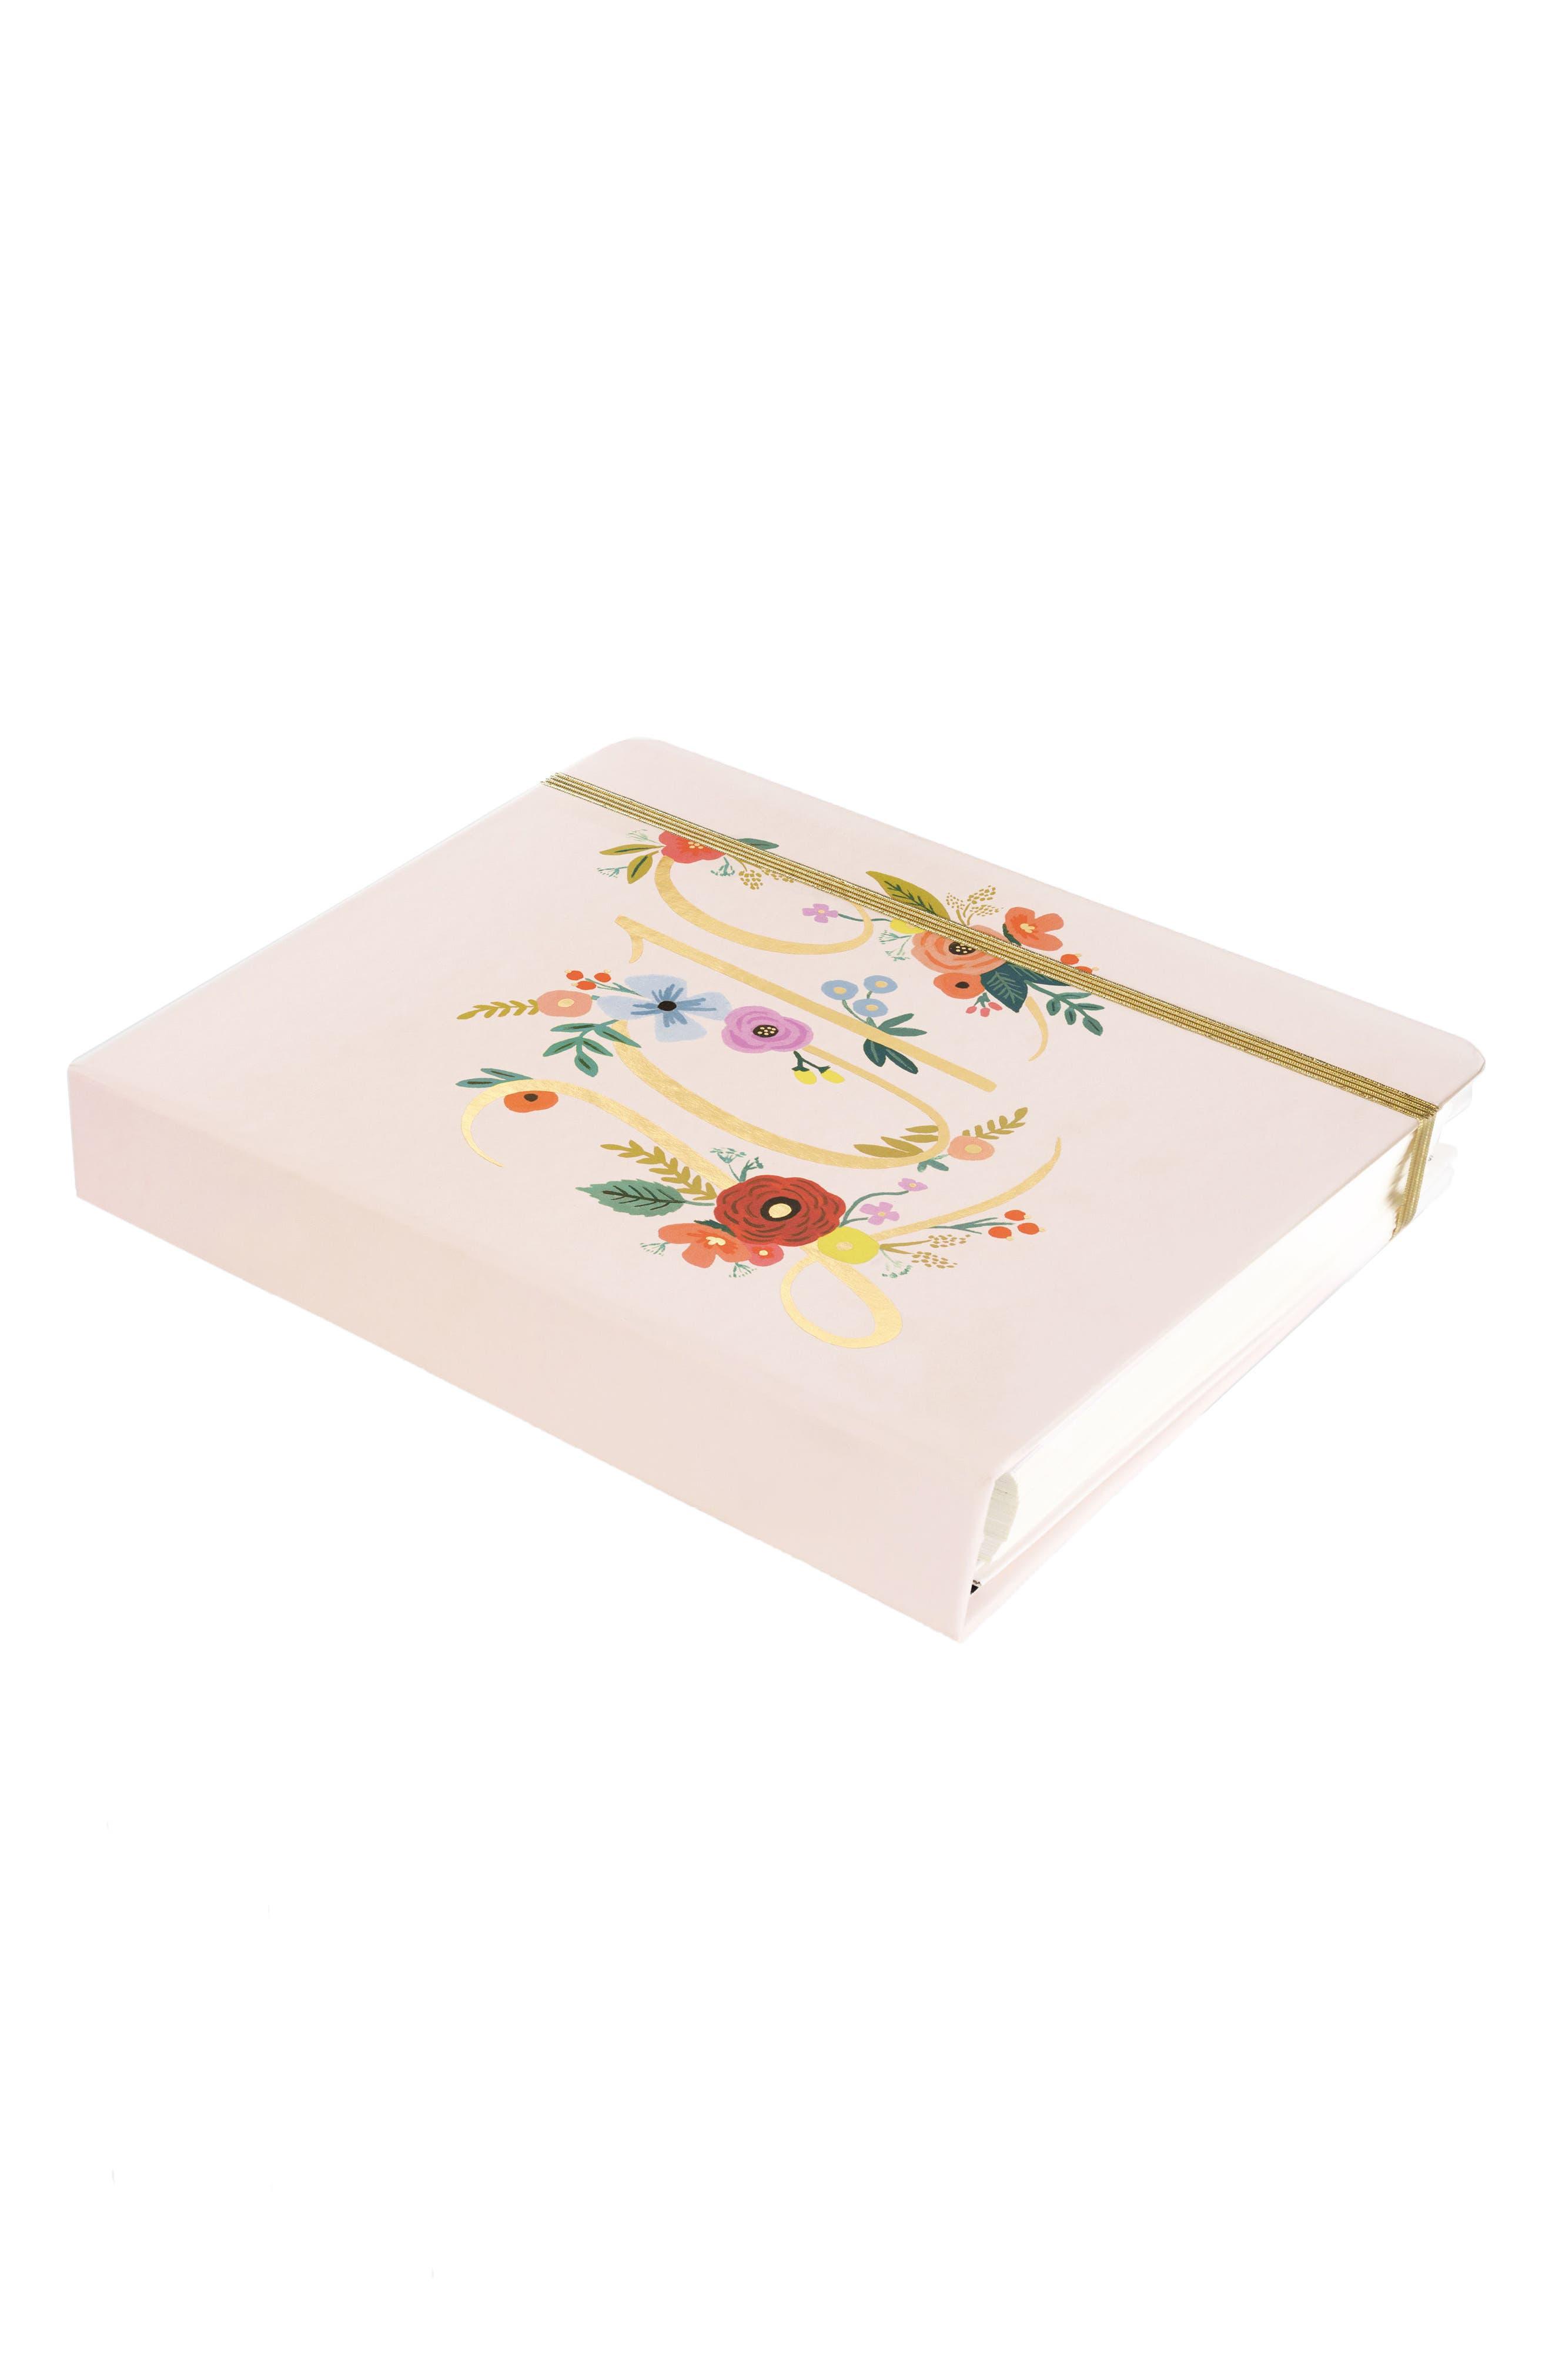 2019 Bouquet 17-Month Planner,                             Alternate thumbnail 4, color,                             650